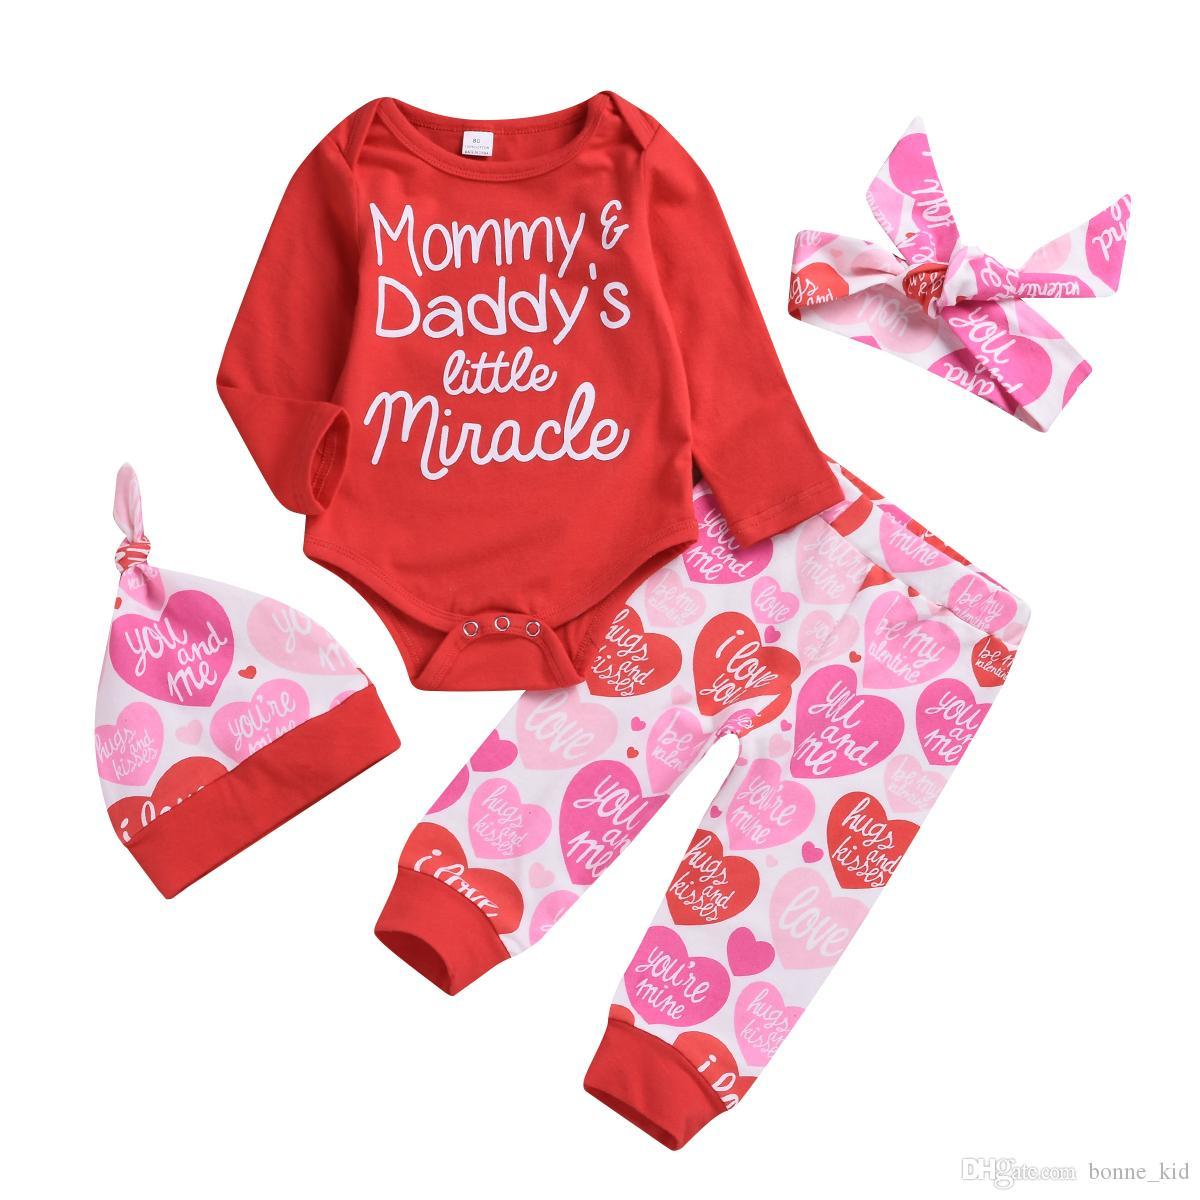 635c859c8 Compre Dia Dos Namorados Roupa Da Menina Do Bebê Macacão + Calça + Chapéu + Headband  Set Mamãe E Papai Pouco Milagre Do Bebê Menina Roupas 0 24 M De ...